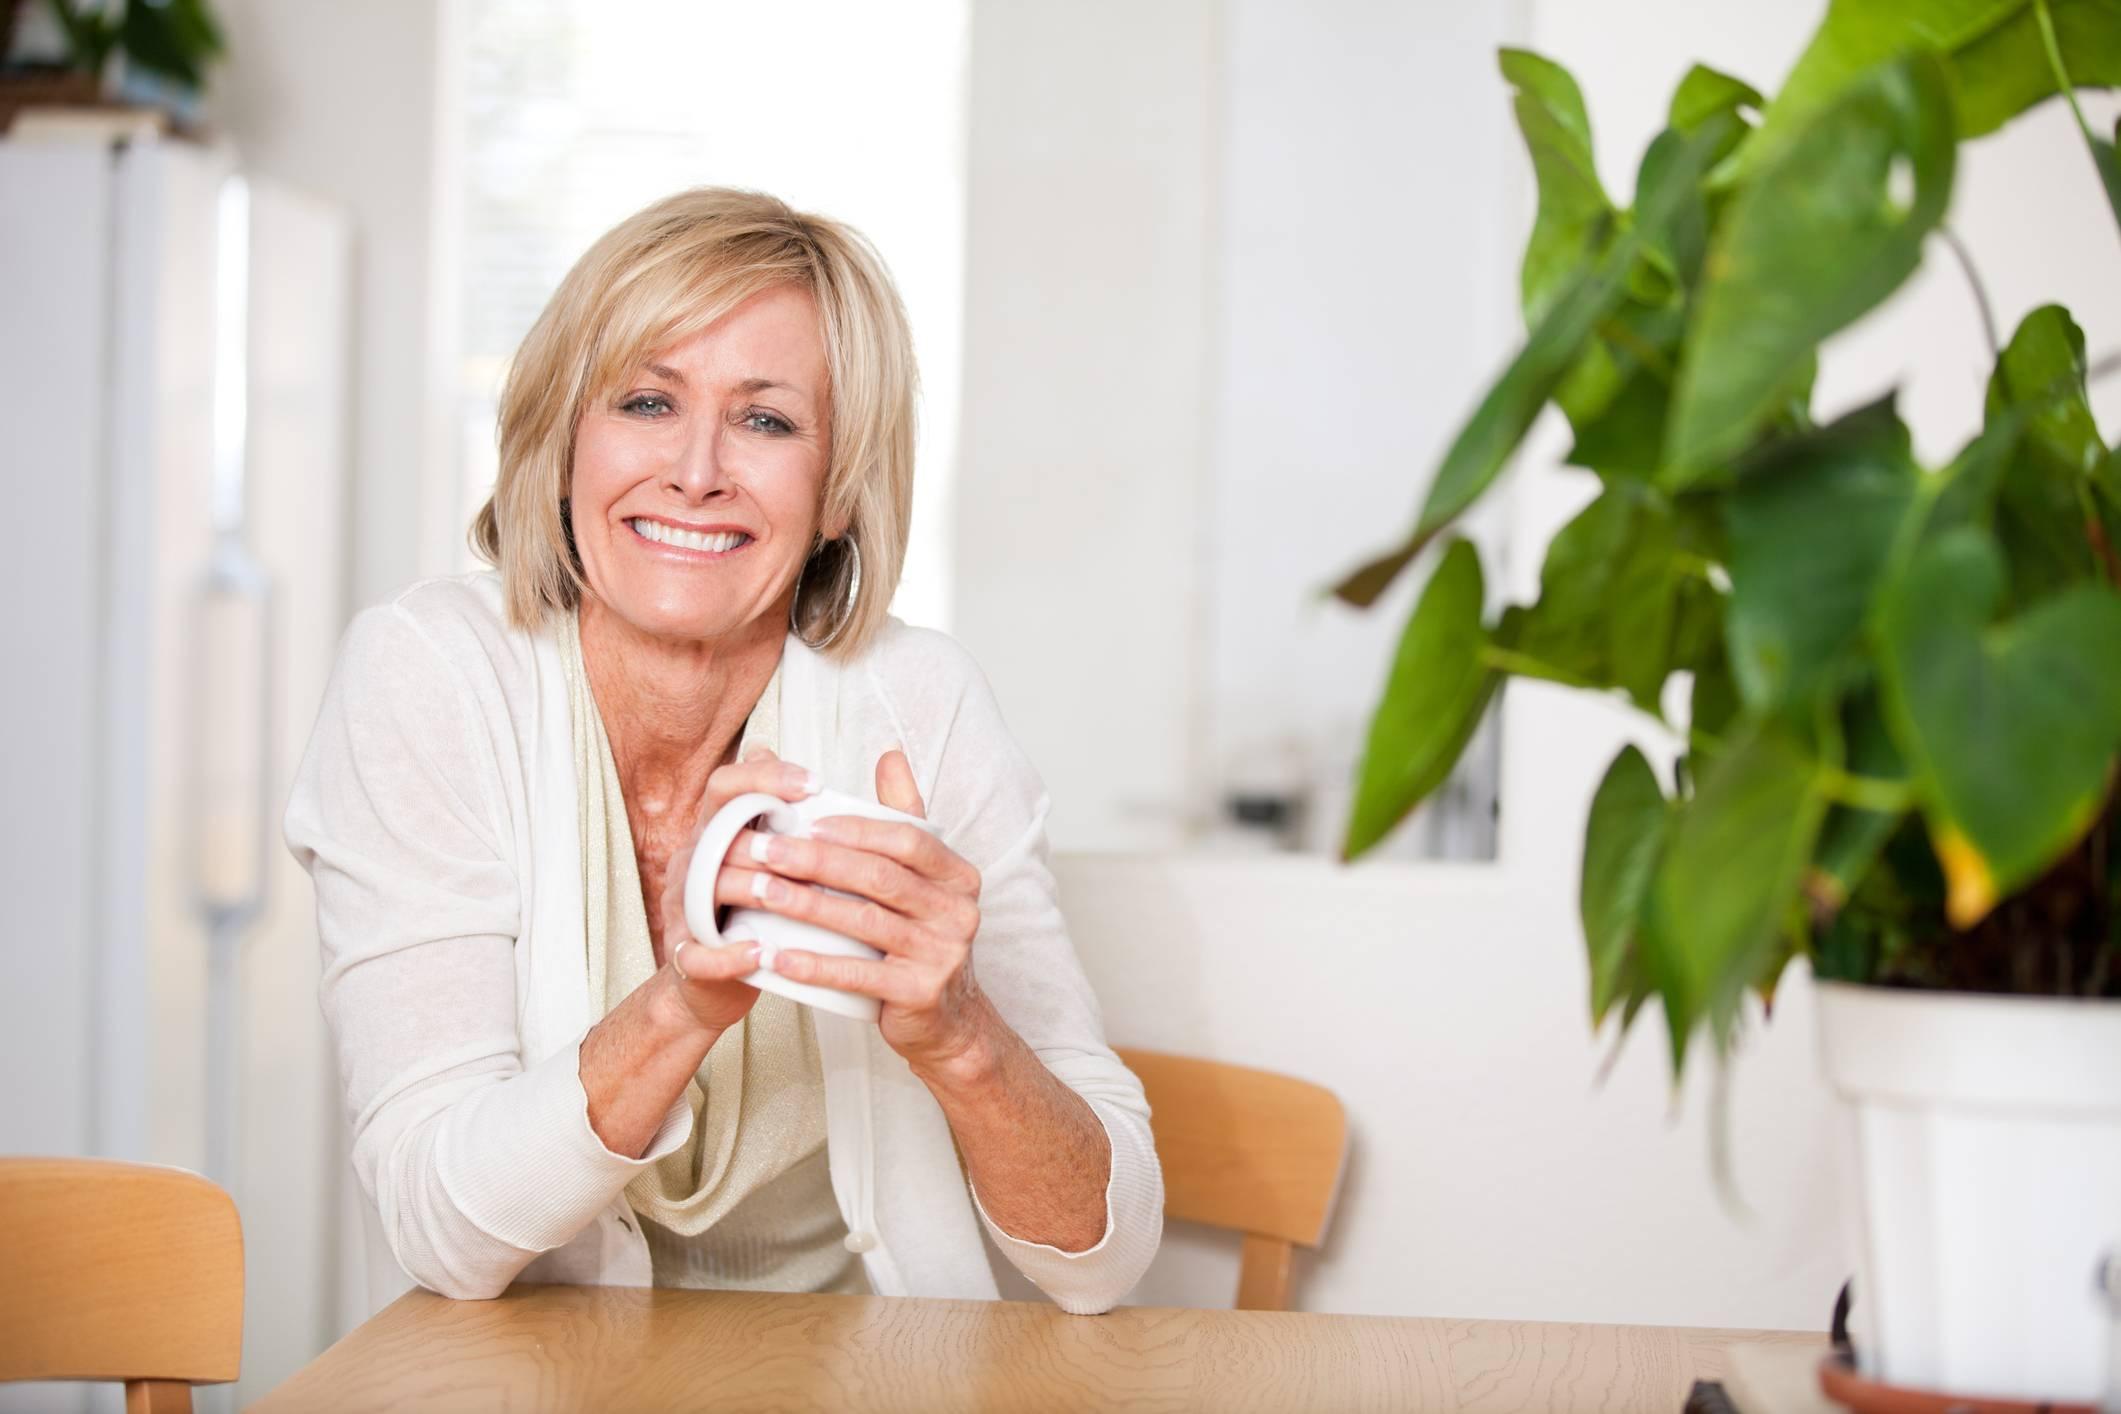 Женщина после 40. сухая кожа и лишний вес – симптомы менопаузы?